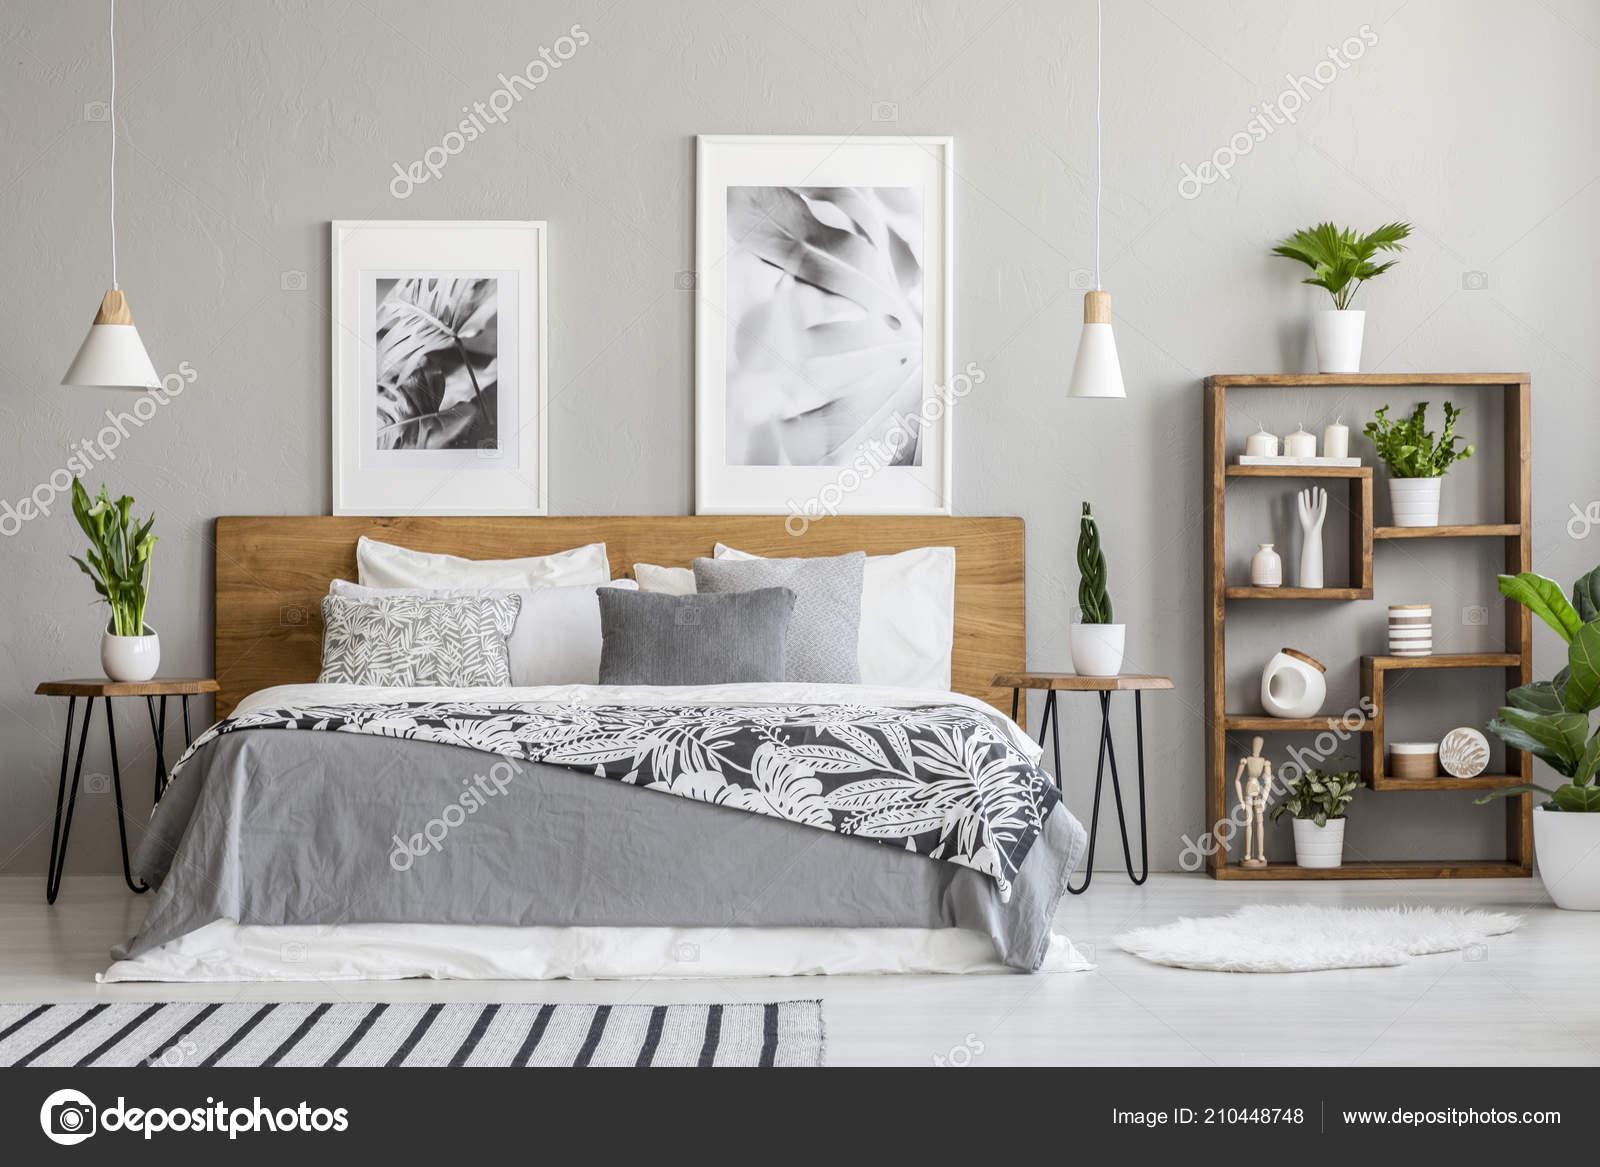 Gemusterte Decke Auf Hölzernen Bett Zwischen Tabellen Mit Pflanzen ...